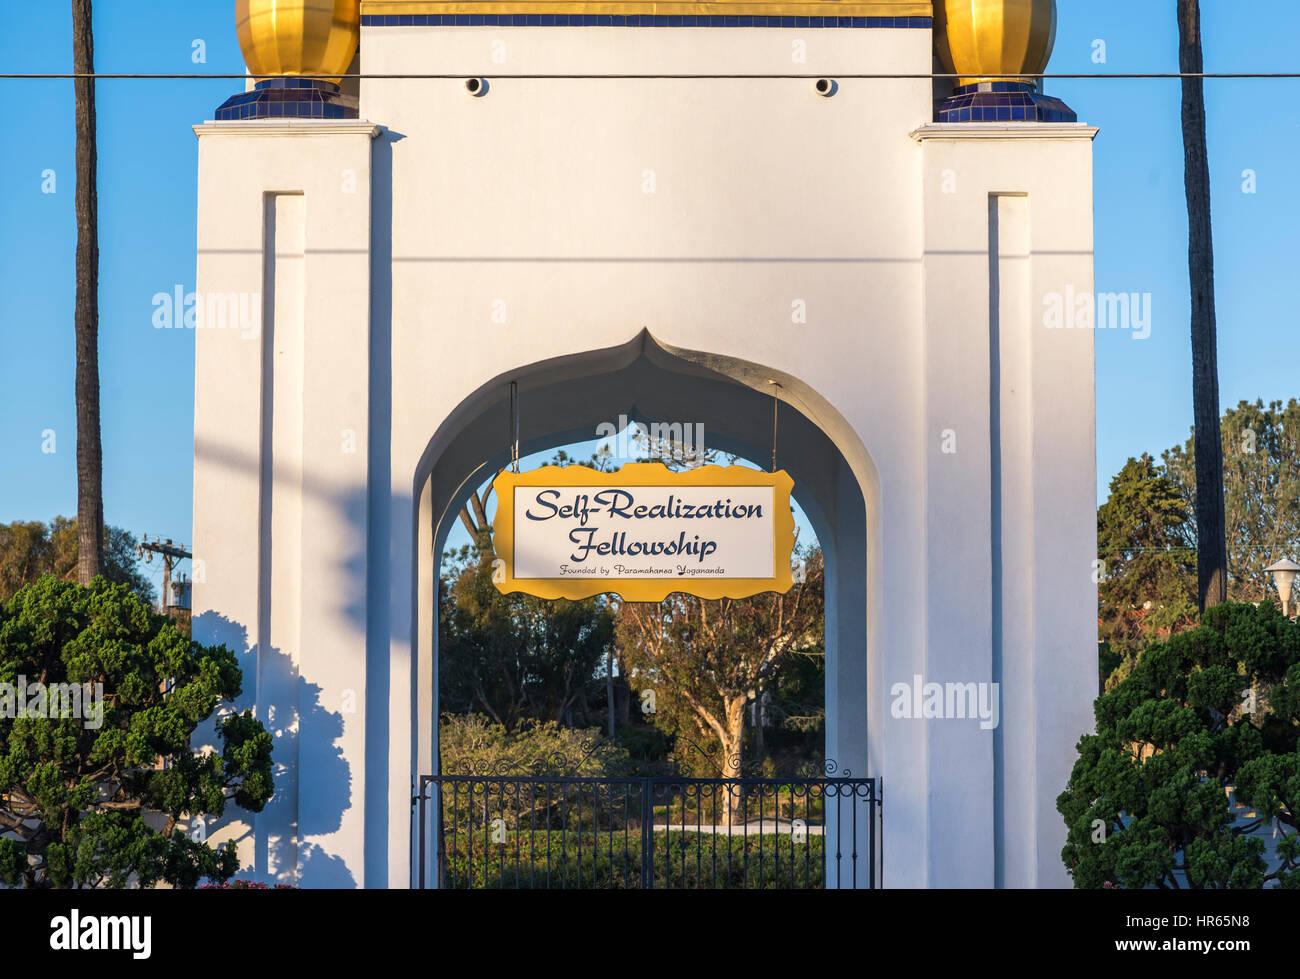 La Autorealizacion signo de becas. Encinitas, California. Imagen De Stock